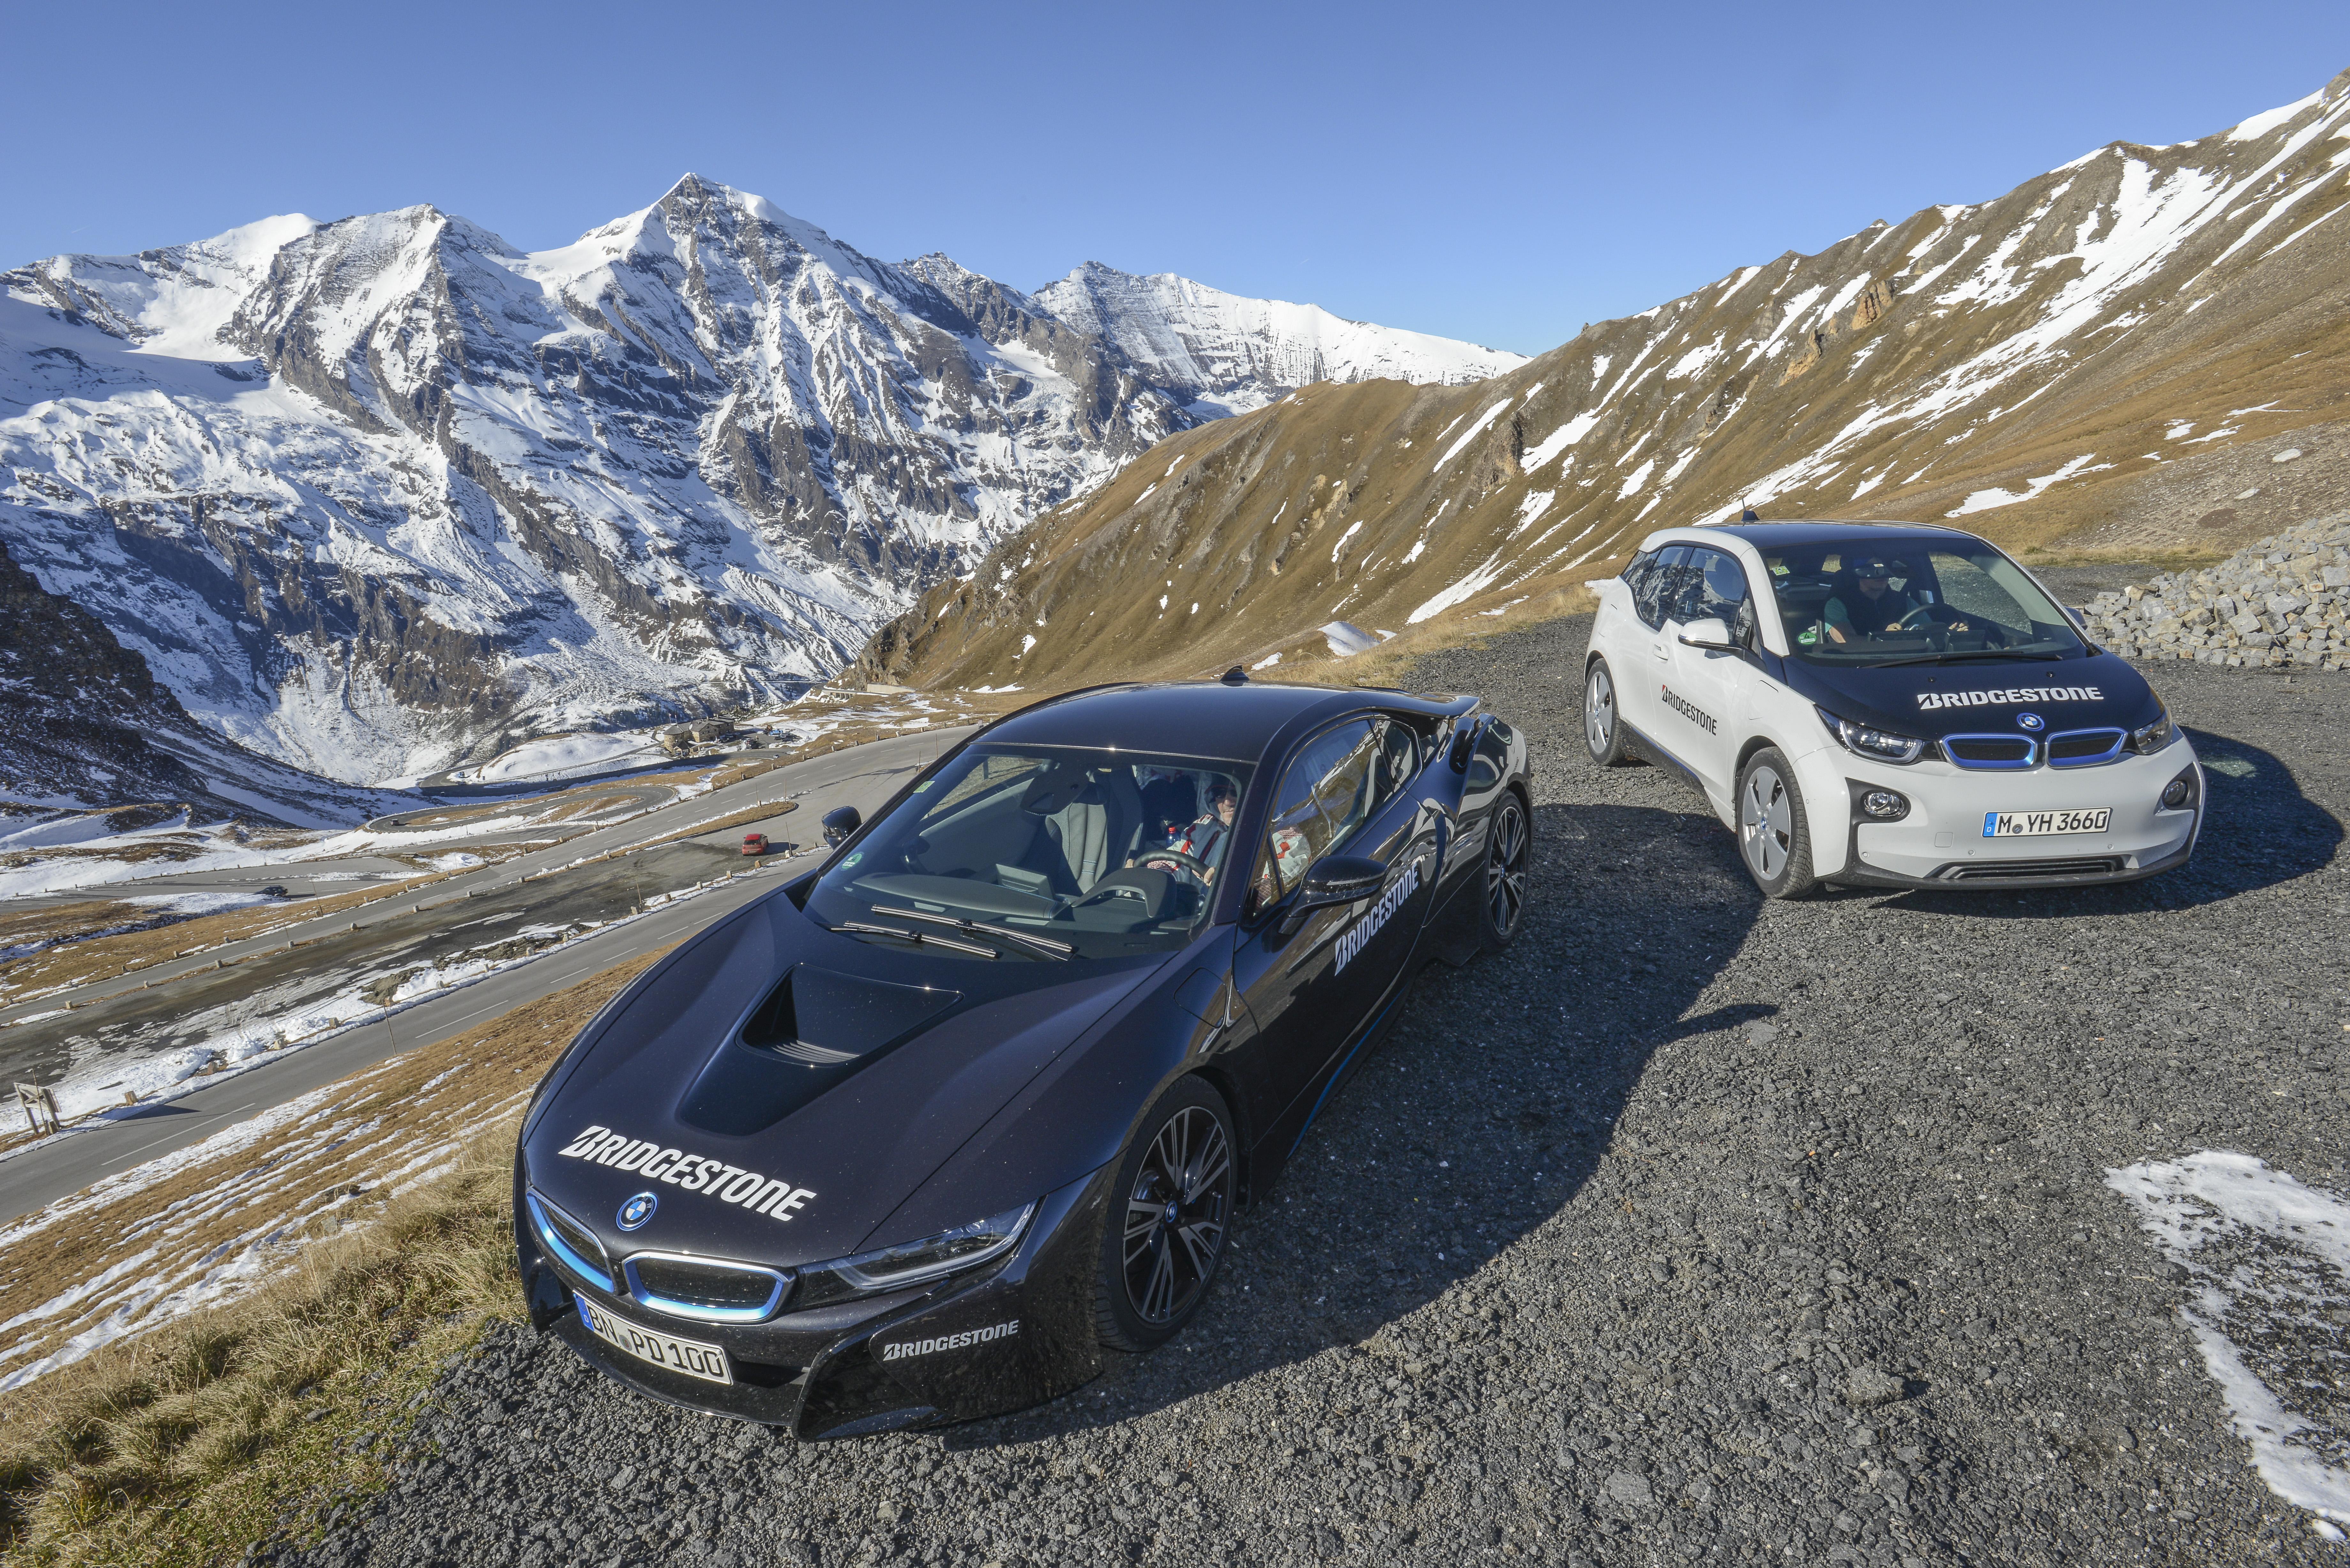 Con Bridgestone e BMW sulle tracce di Annibale